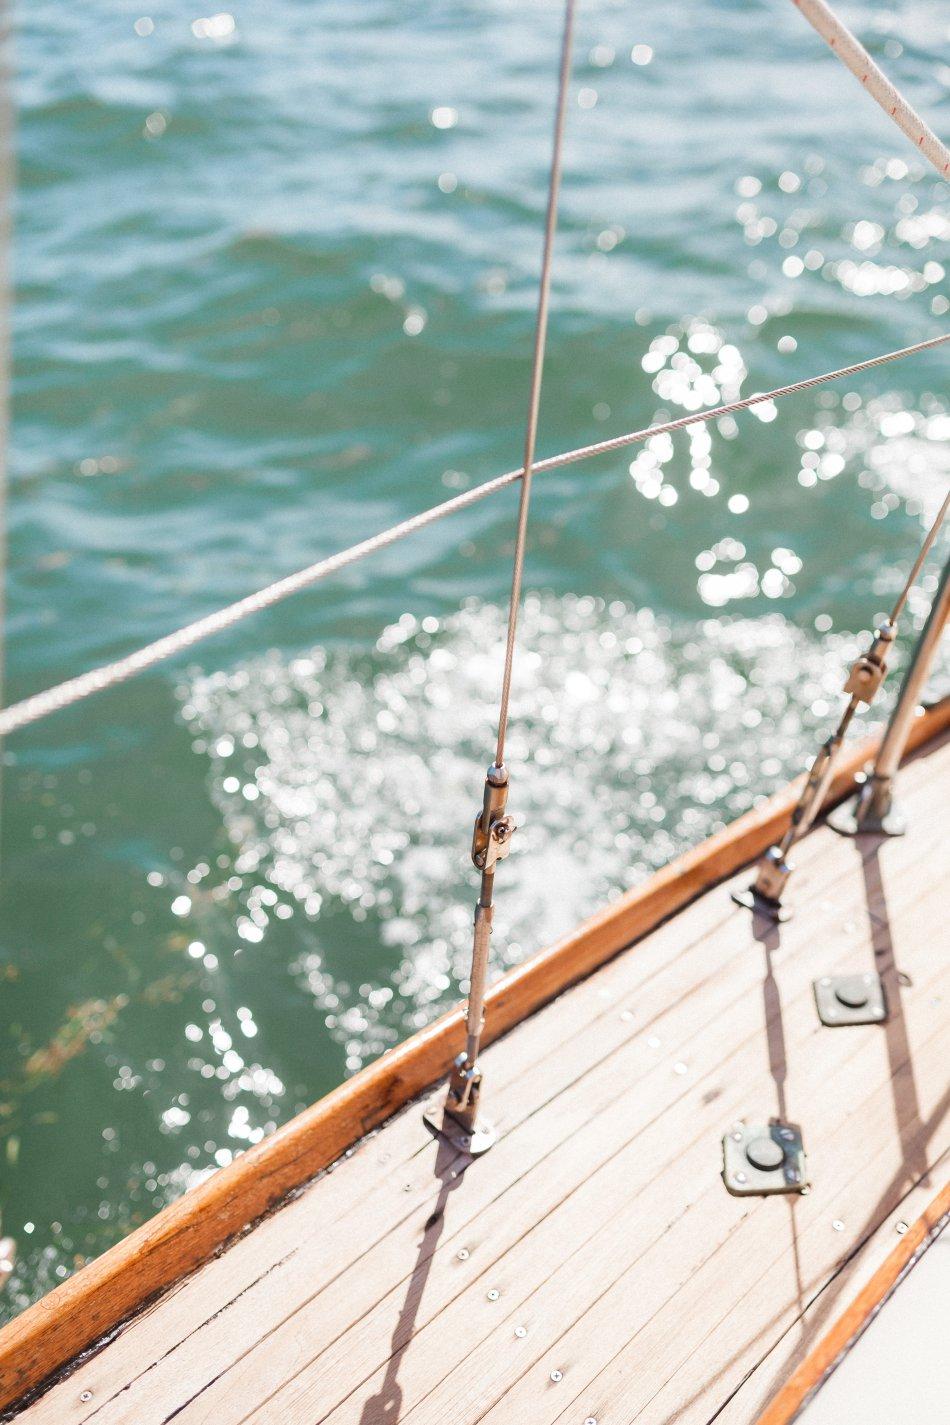 naples-luxury-sailing-engagement-photography-nautical-sailboat-engagement_1106.jpg